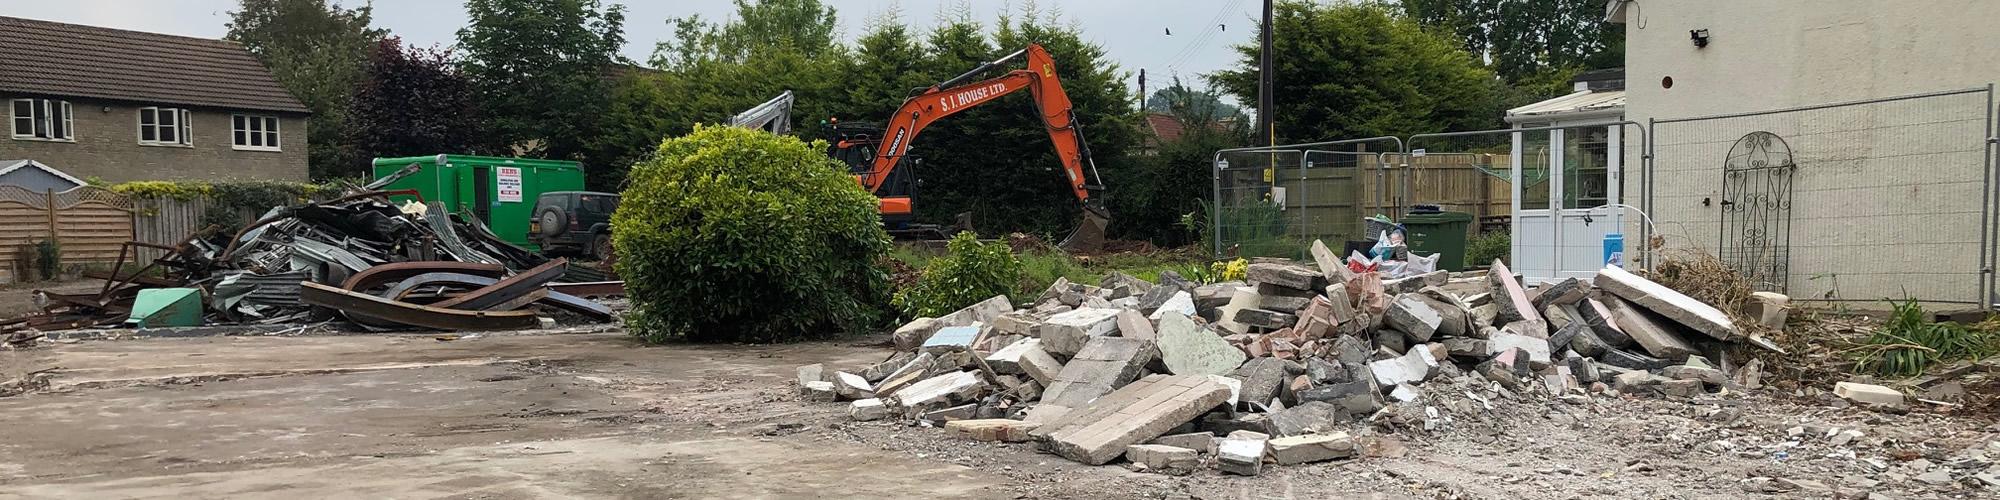 banner-demolition-of-petrol-station